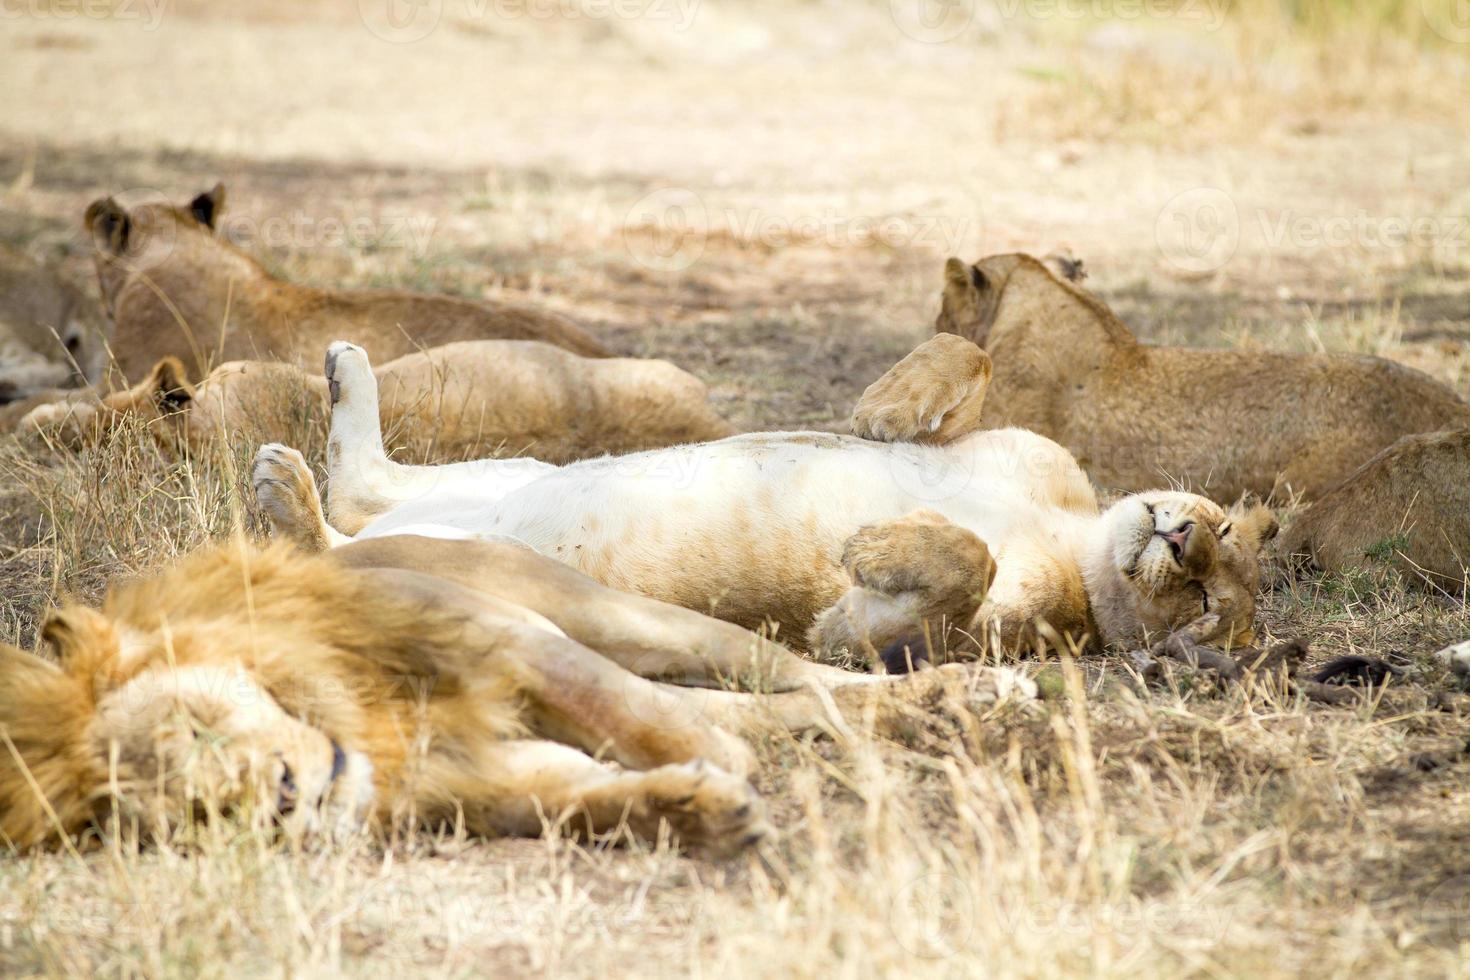 lindo león duerme en la espalda con patas en el aire foto